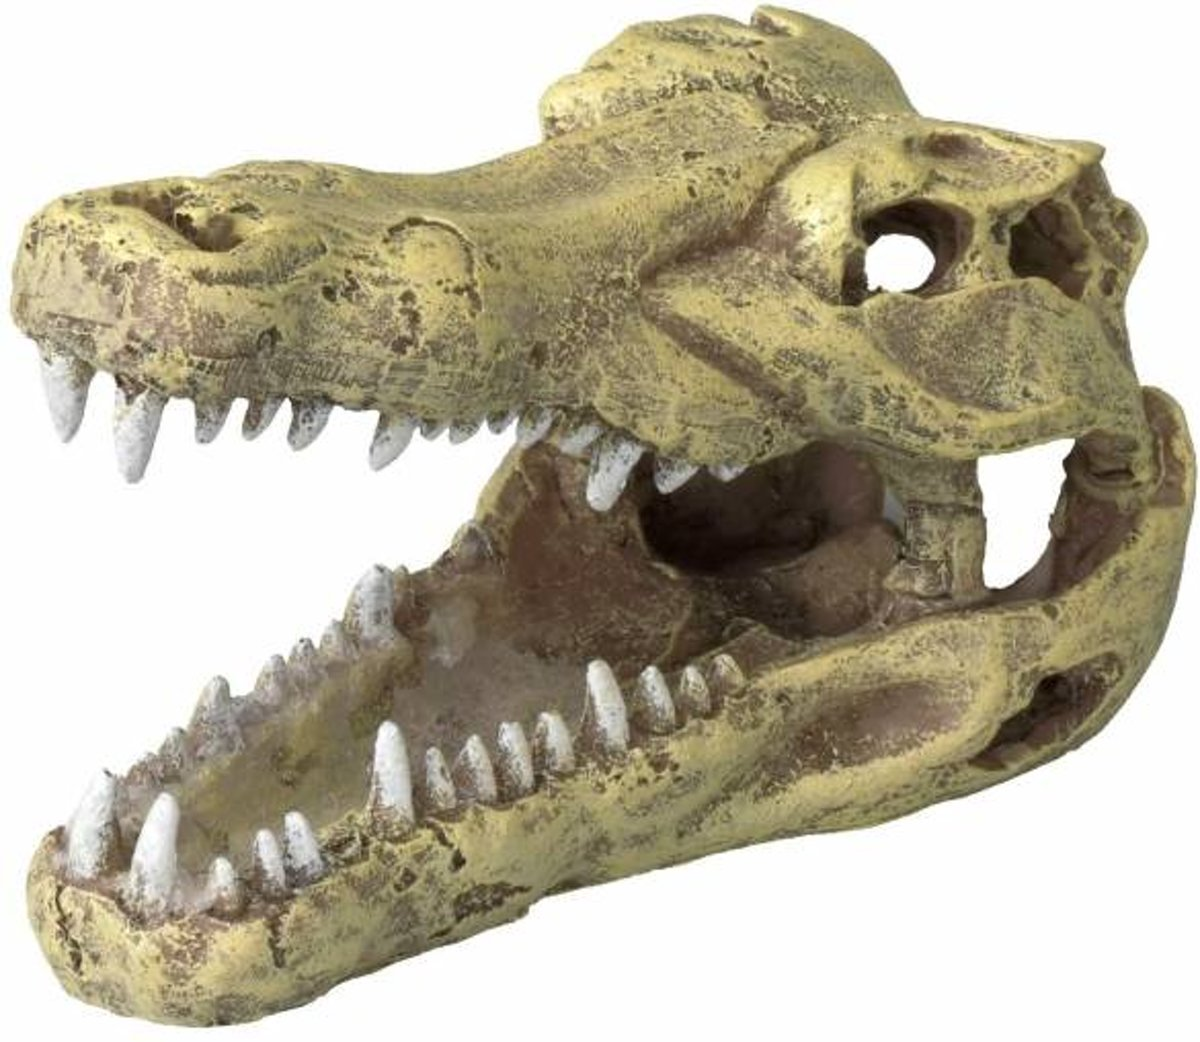 Aqua Della Aquarium decoratie Krokodillen schedel - Beige - 32,5 x 17 x 20,5 cm